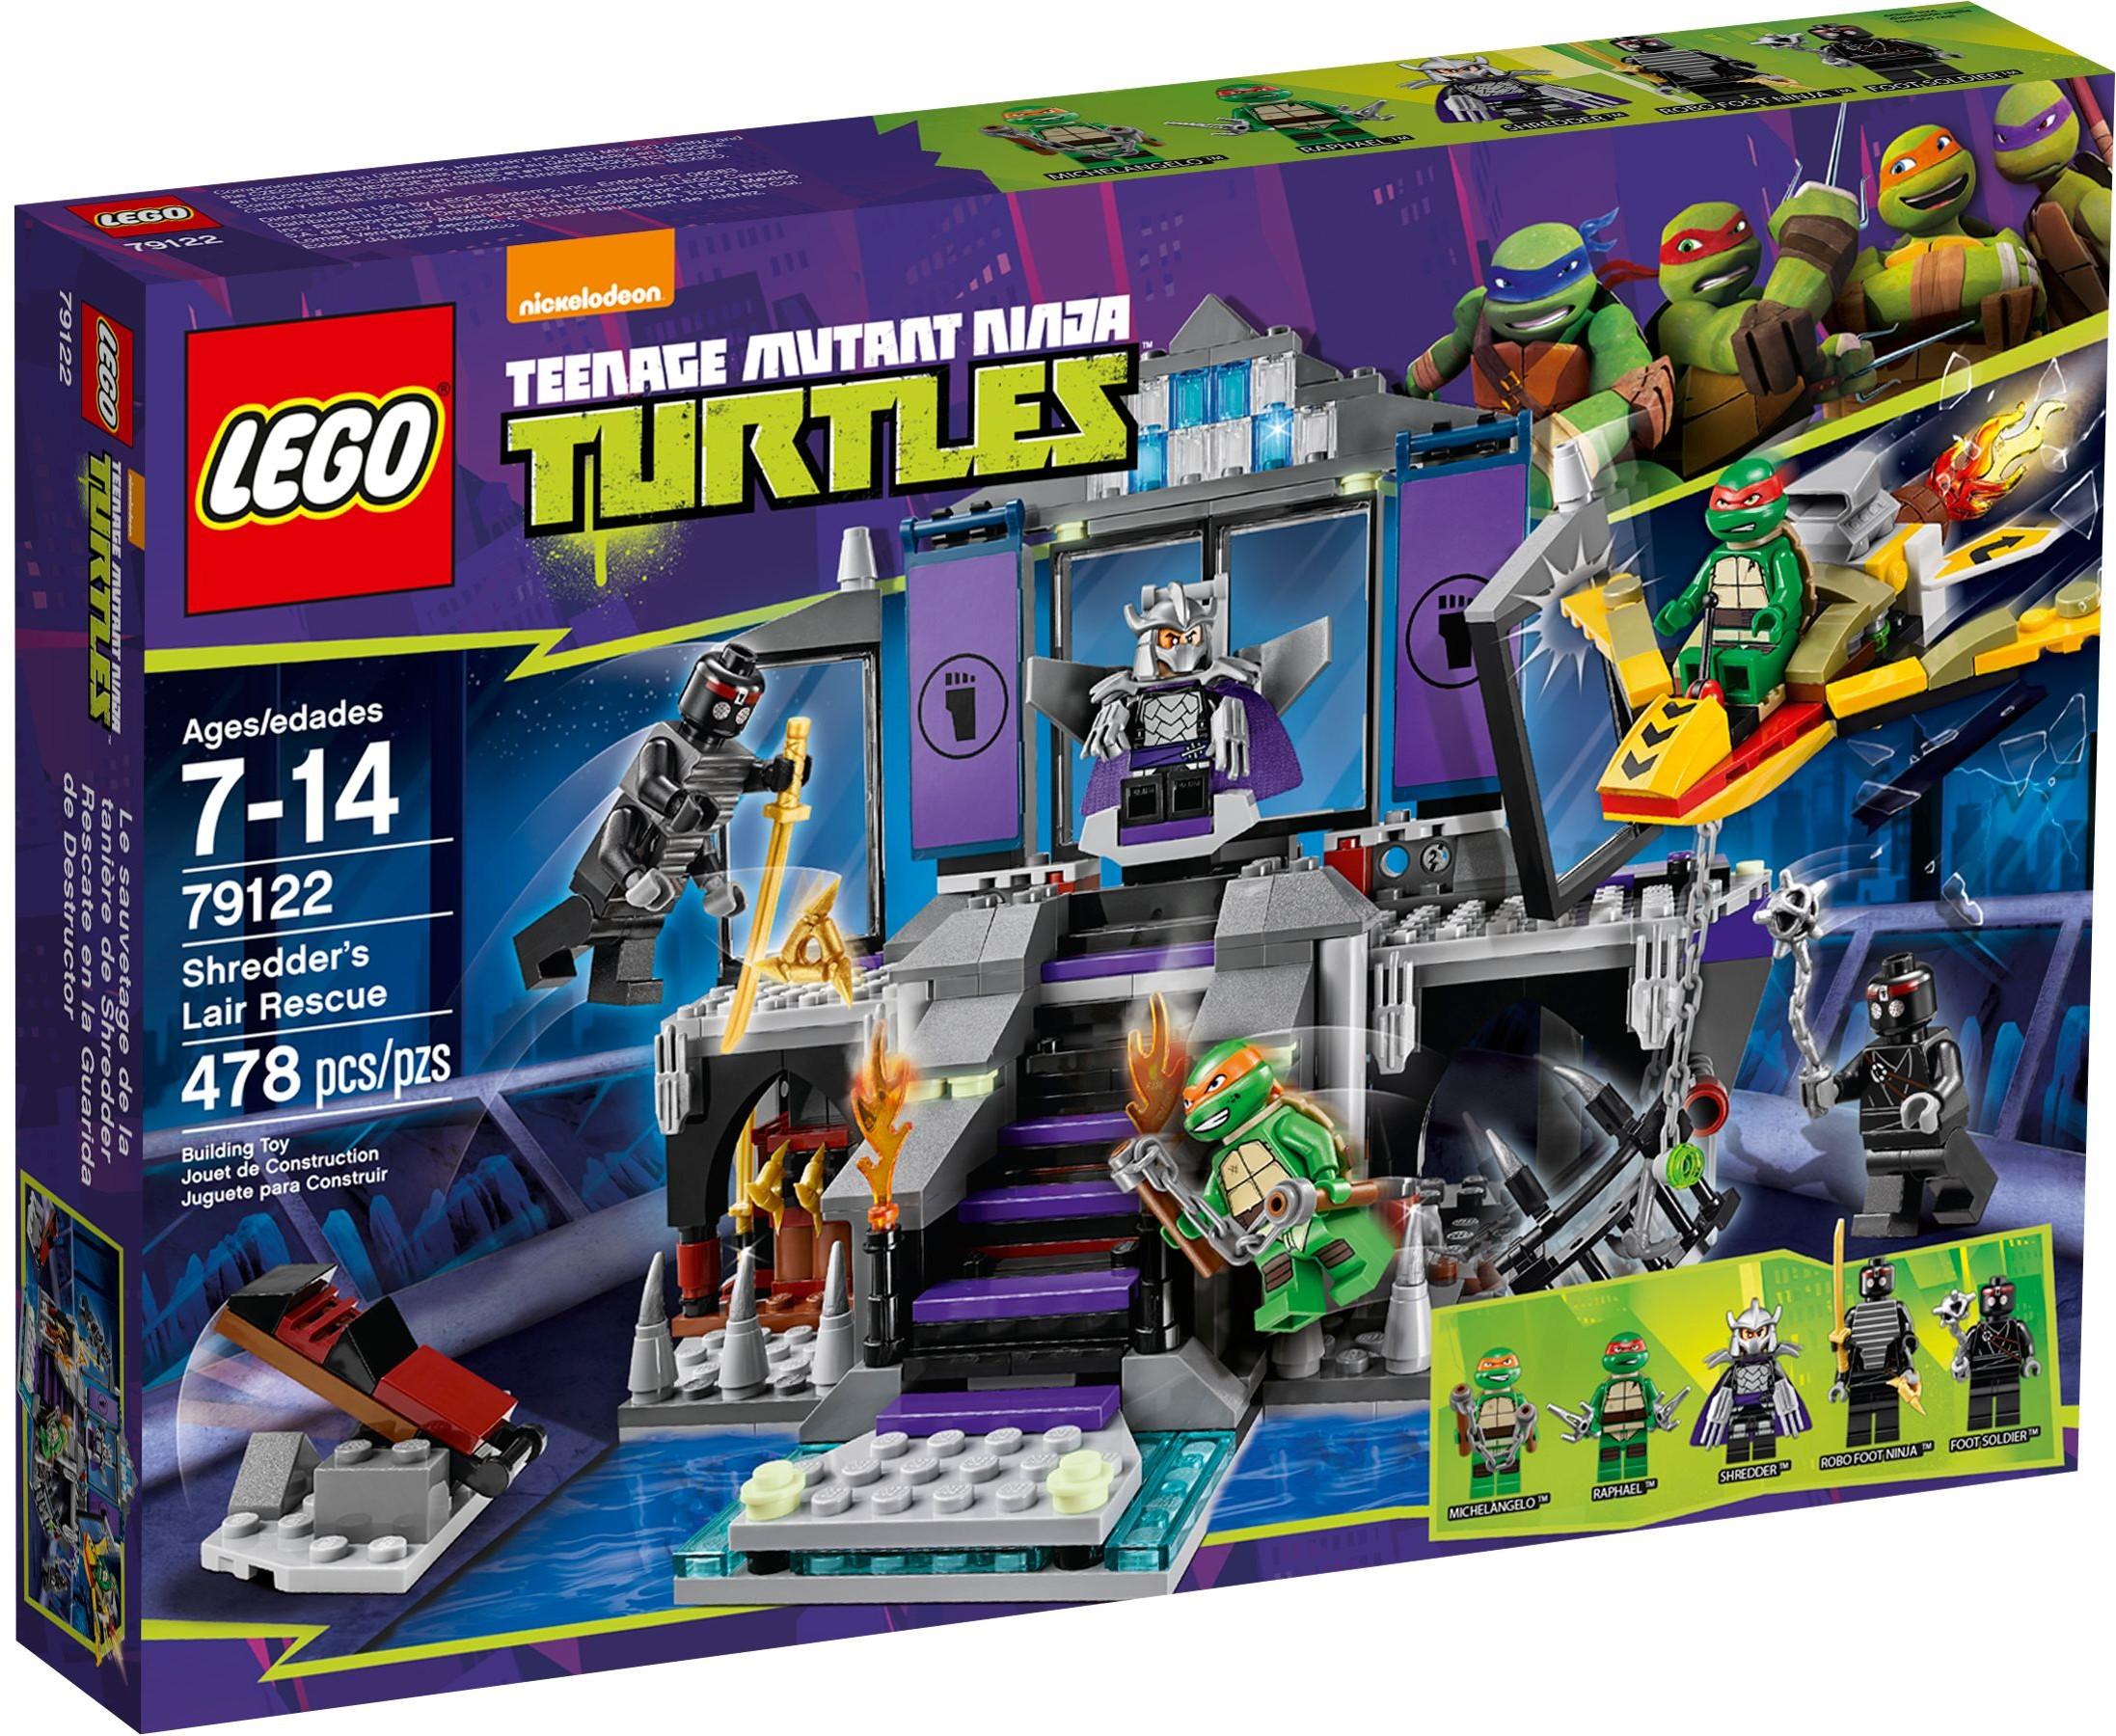 Lego tortues ninja 79122 pas cher l 39 chap e de la for Repere des tortue ninja